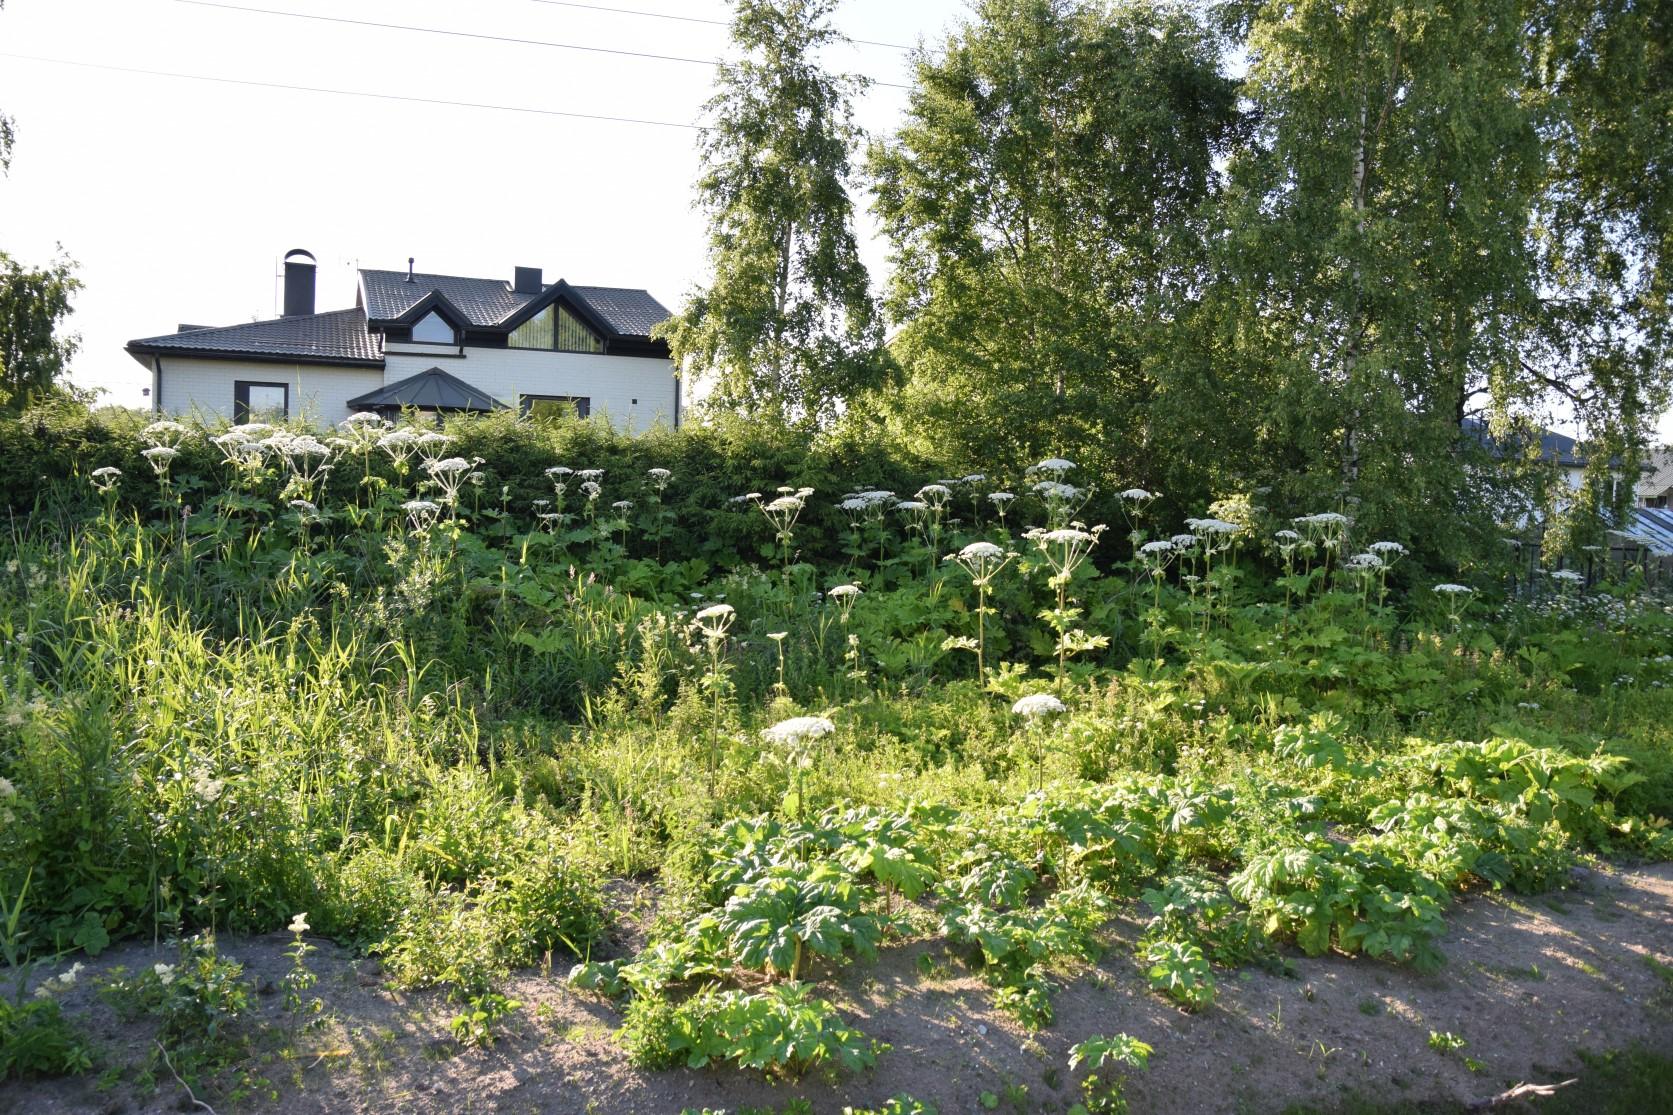 Sosnovski karuputked Veskimetsas kraavi kaldal. Pildistas Katrin Jõgisaar, Bioneer.ee